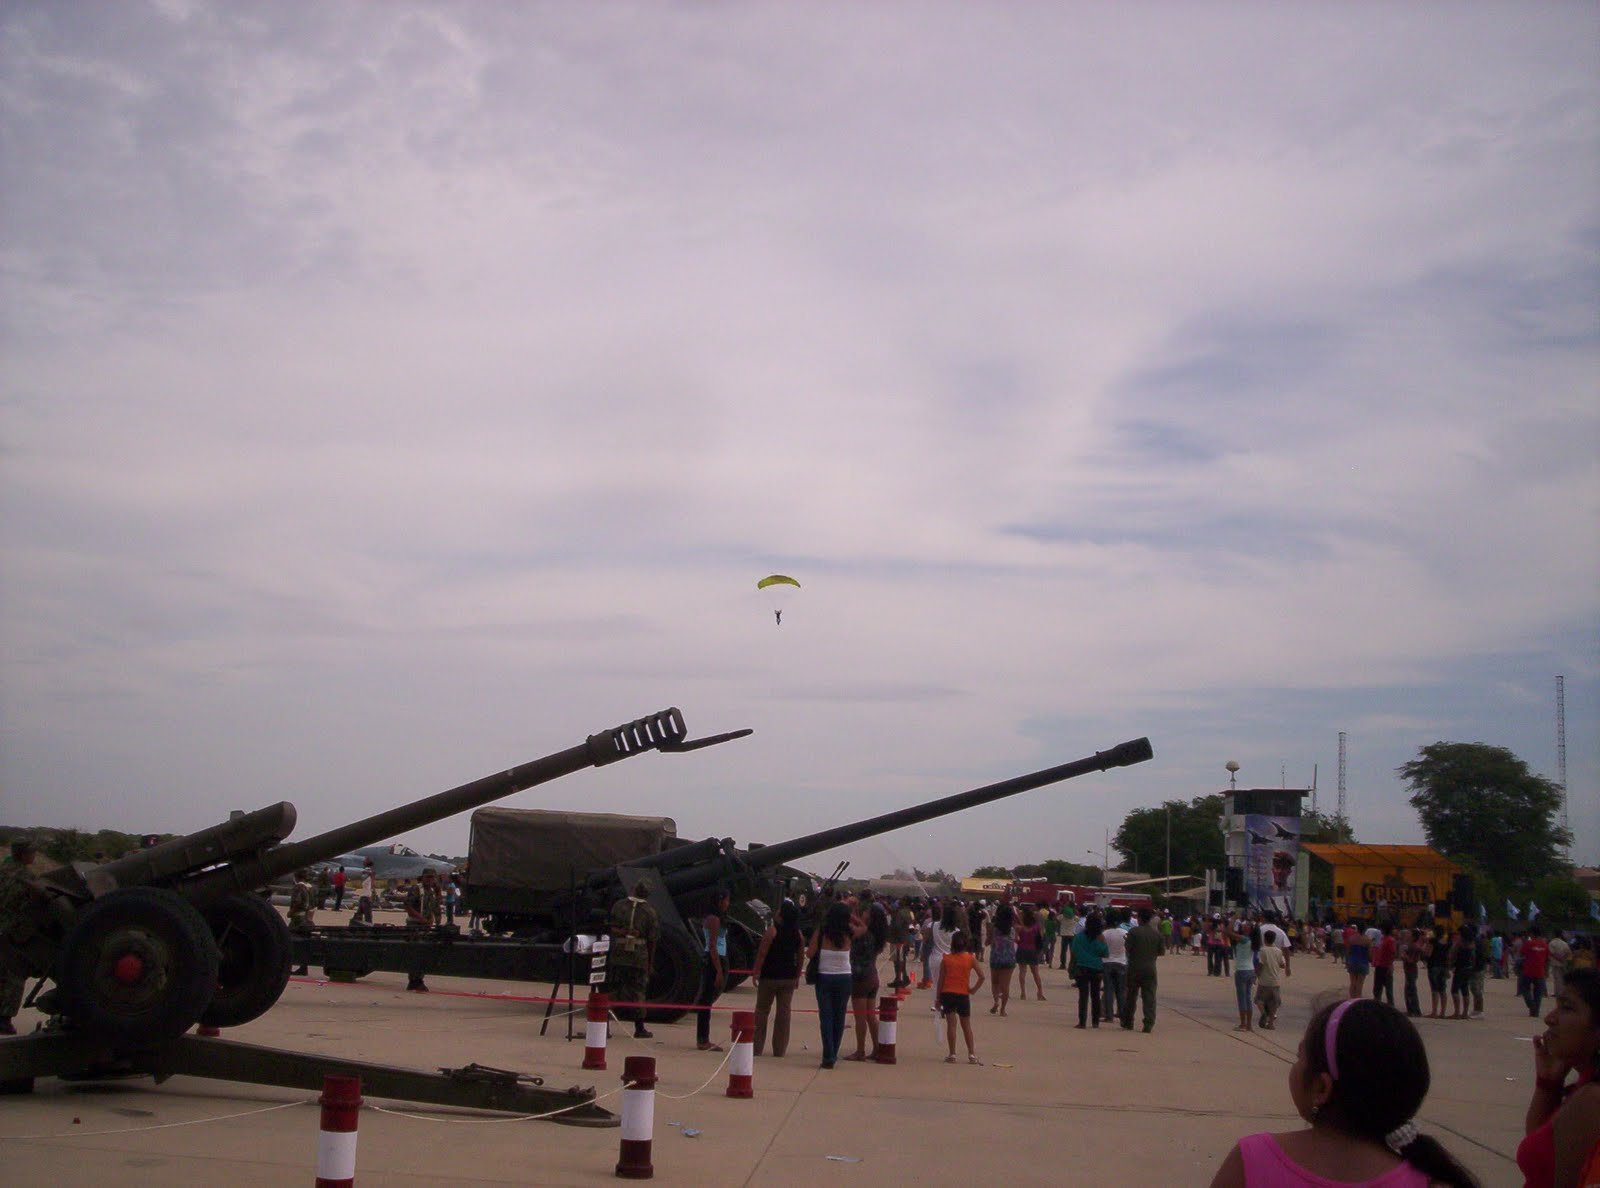 FESTIVALES MILITARES, AERODEPORTIVOS ,DIA DE LA FUERZA AEREA DEL PERU Y SHOW AEREOS 062